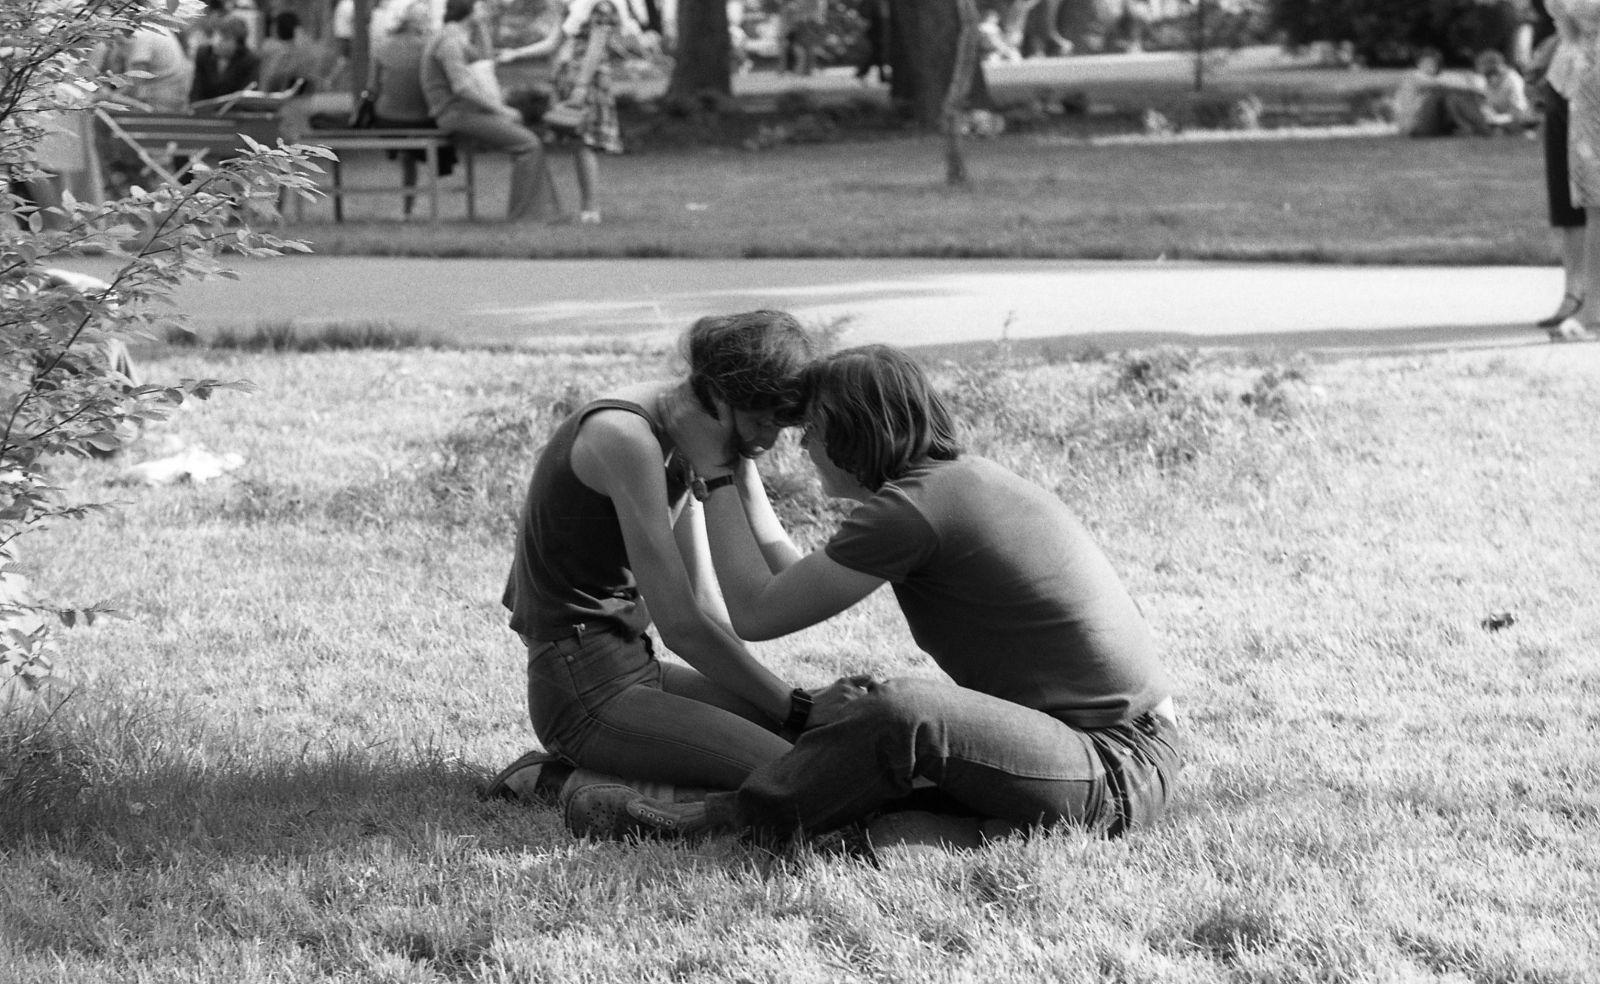 Tizenévesek fogott szex a videó